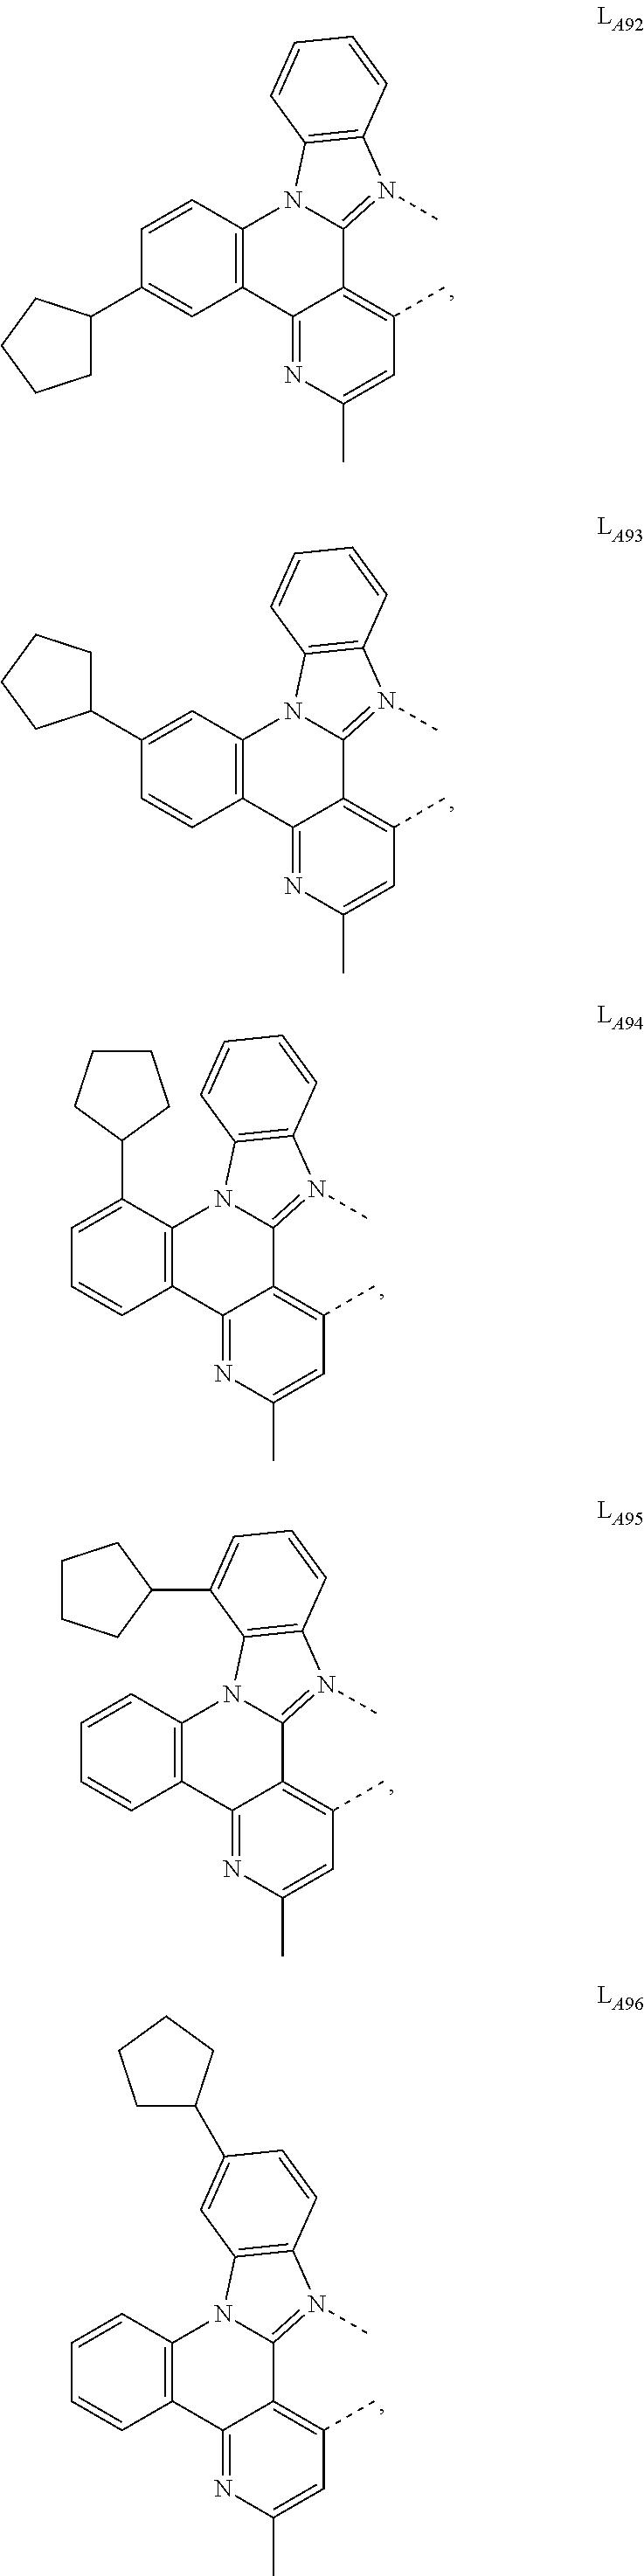 Figure US09905785-20180227-C00444